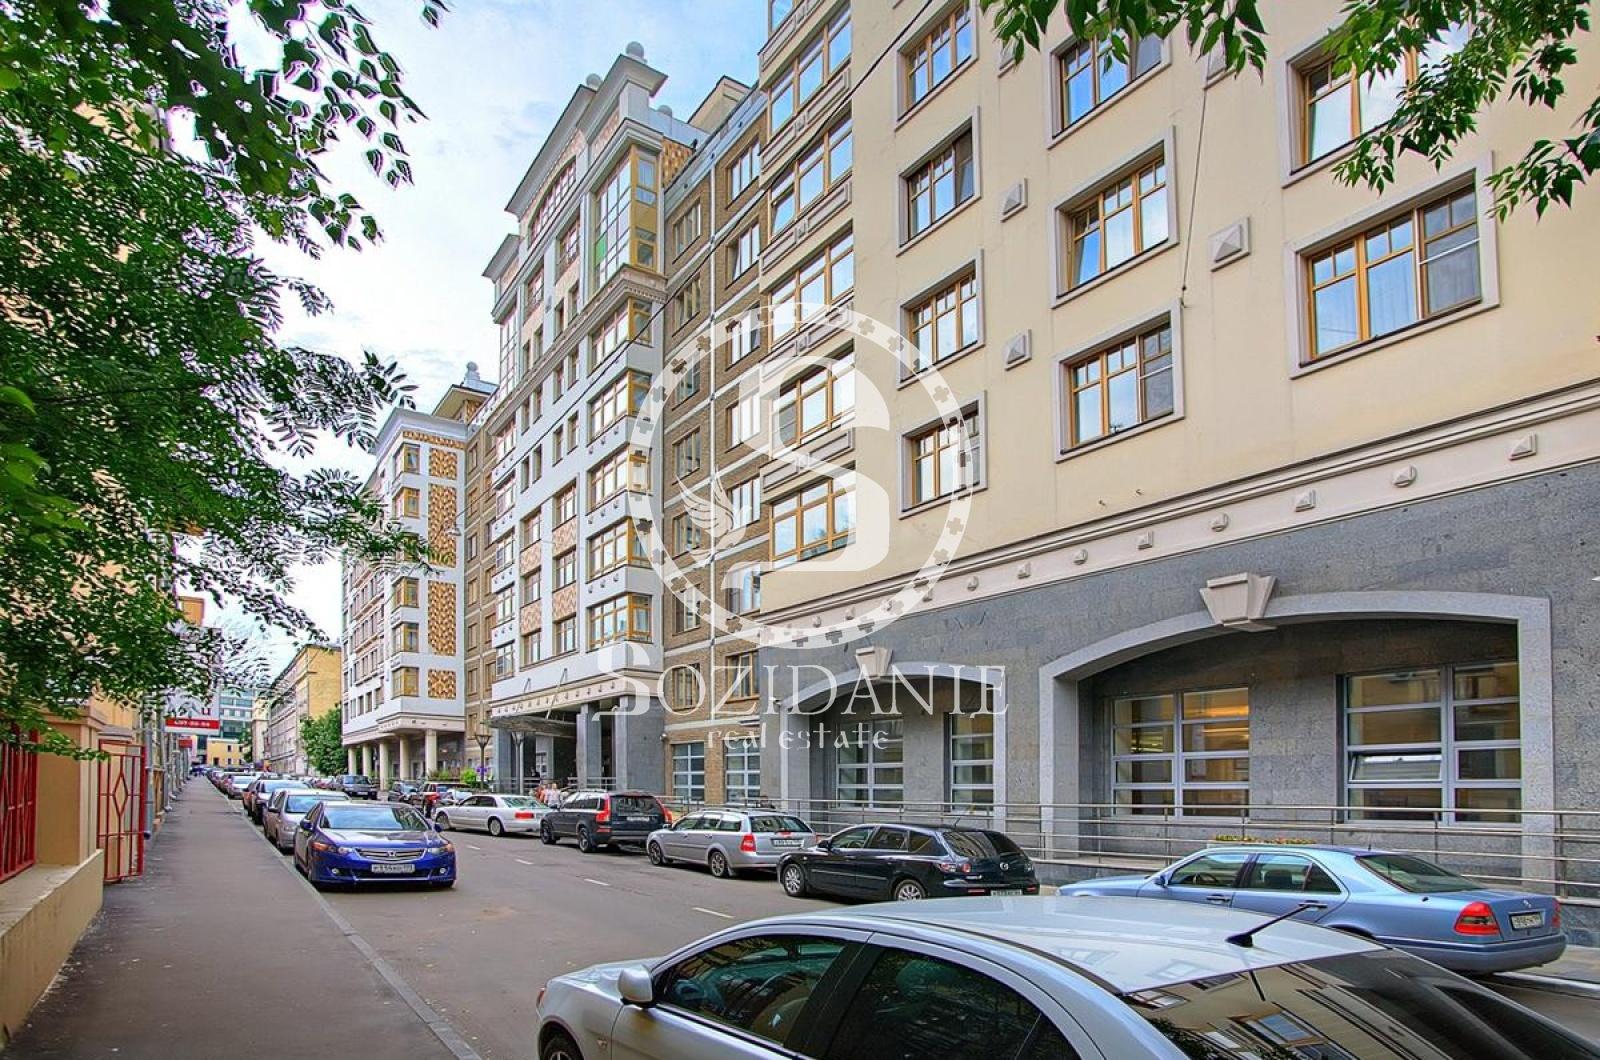 2 Комнаты, Городская, Продажа, Филипповский переулок, Listing ID 3386, Москва, Россия,